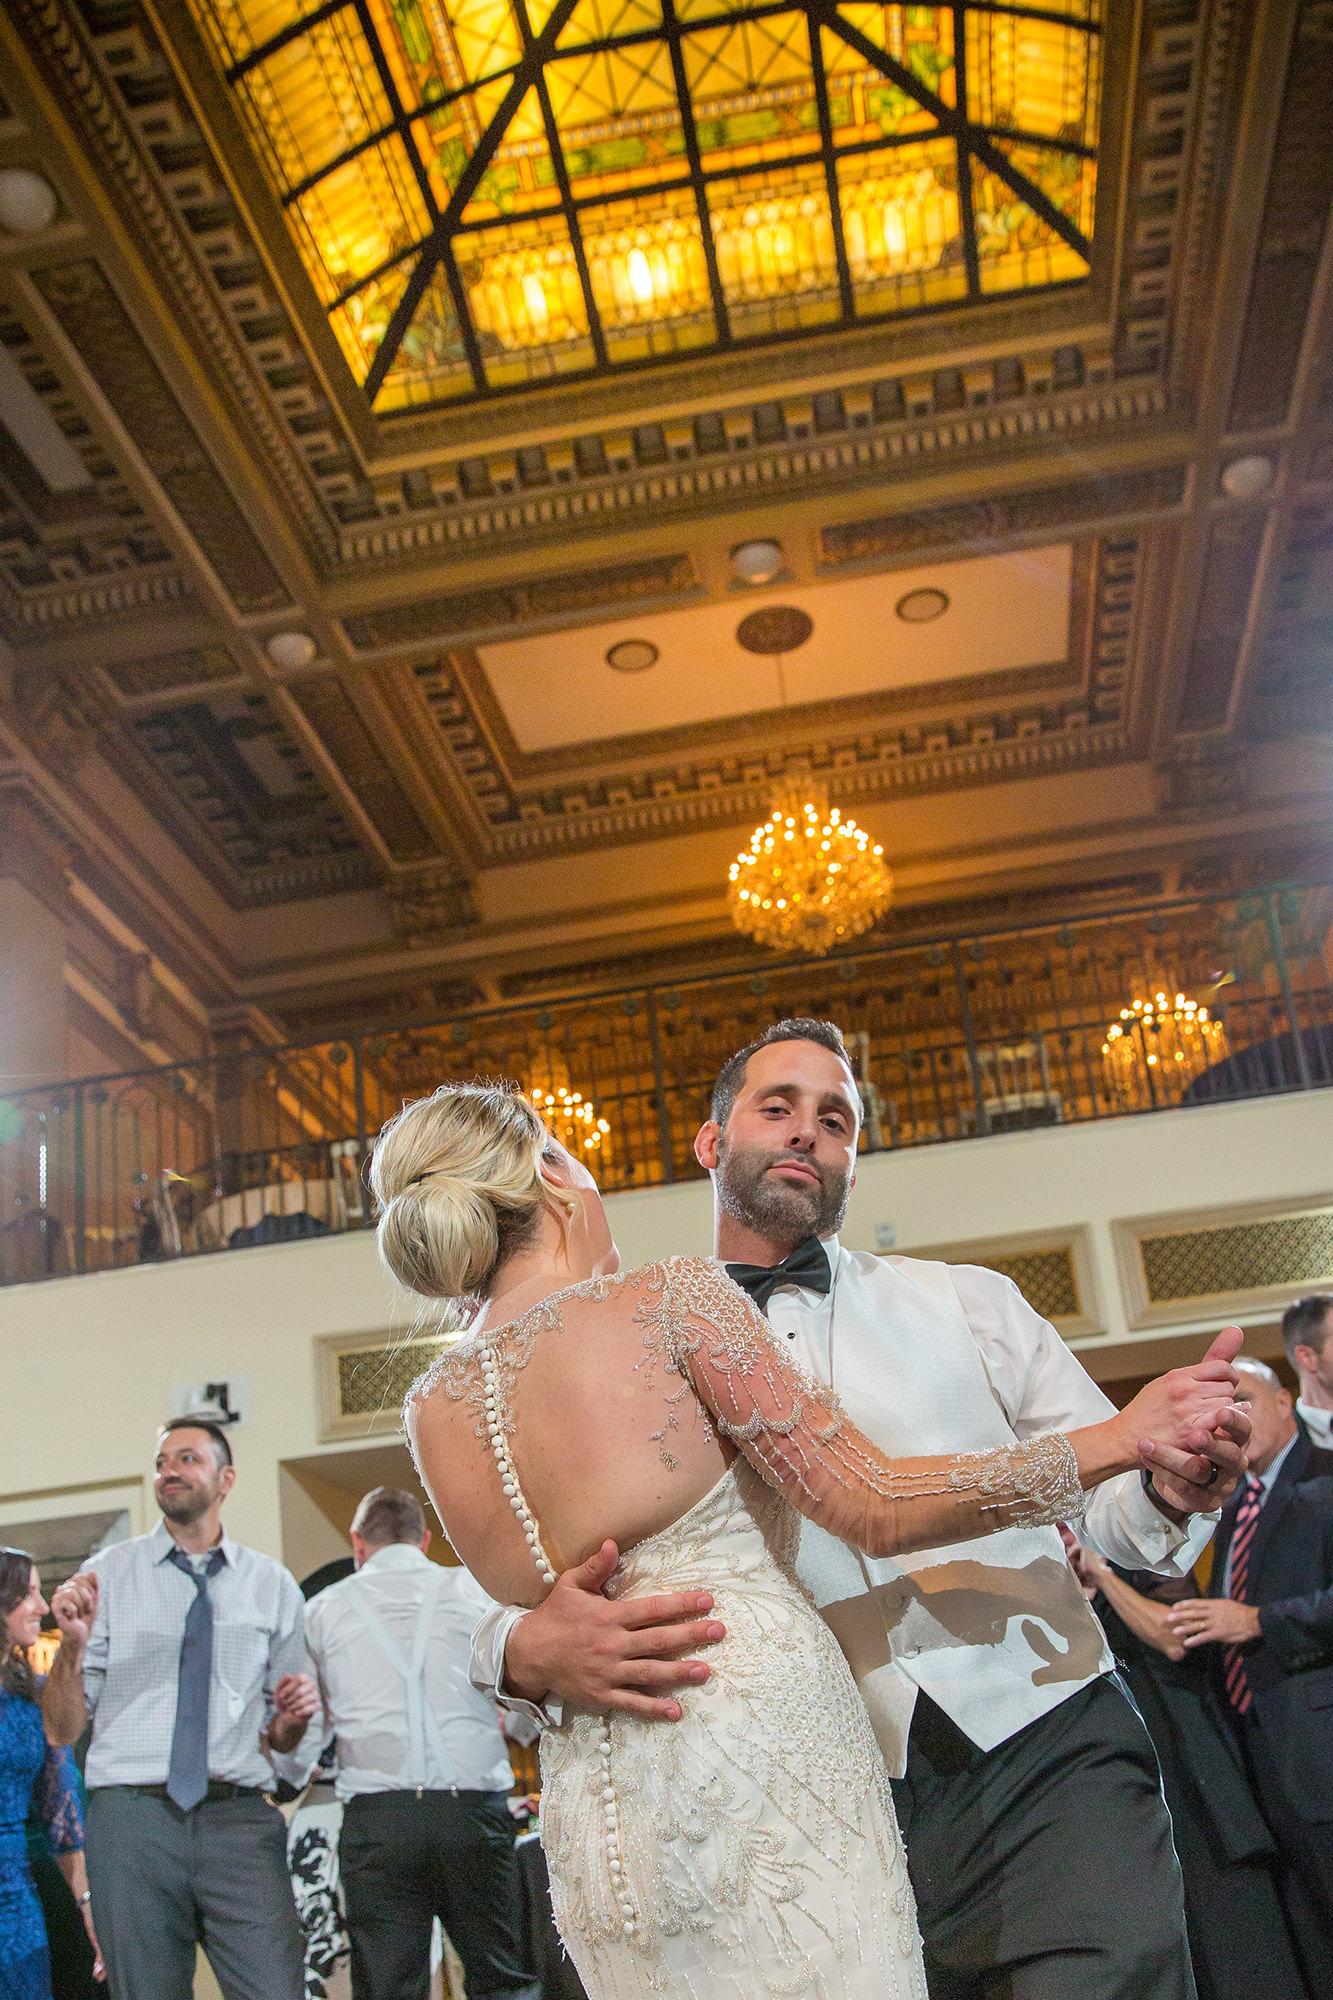 Lindsay And Dante Dancing